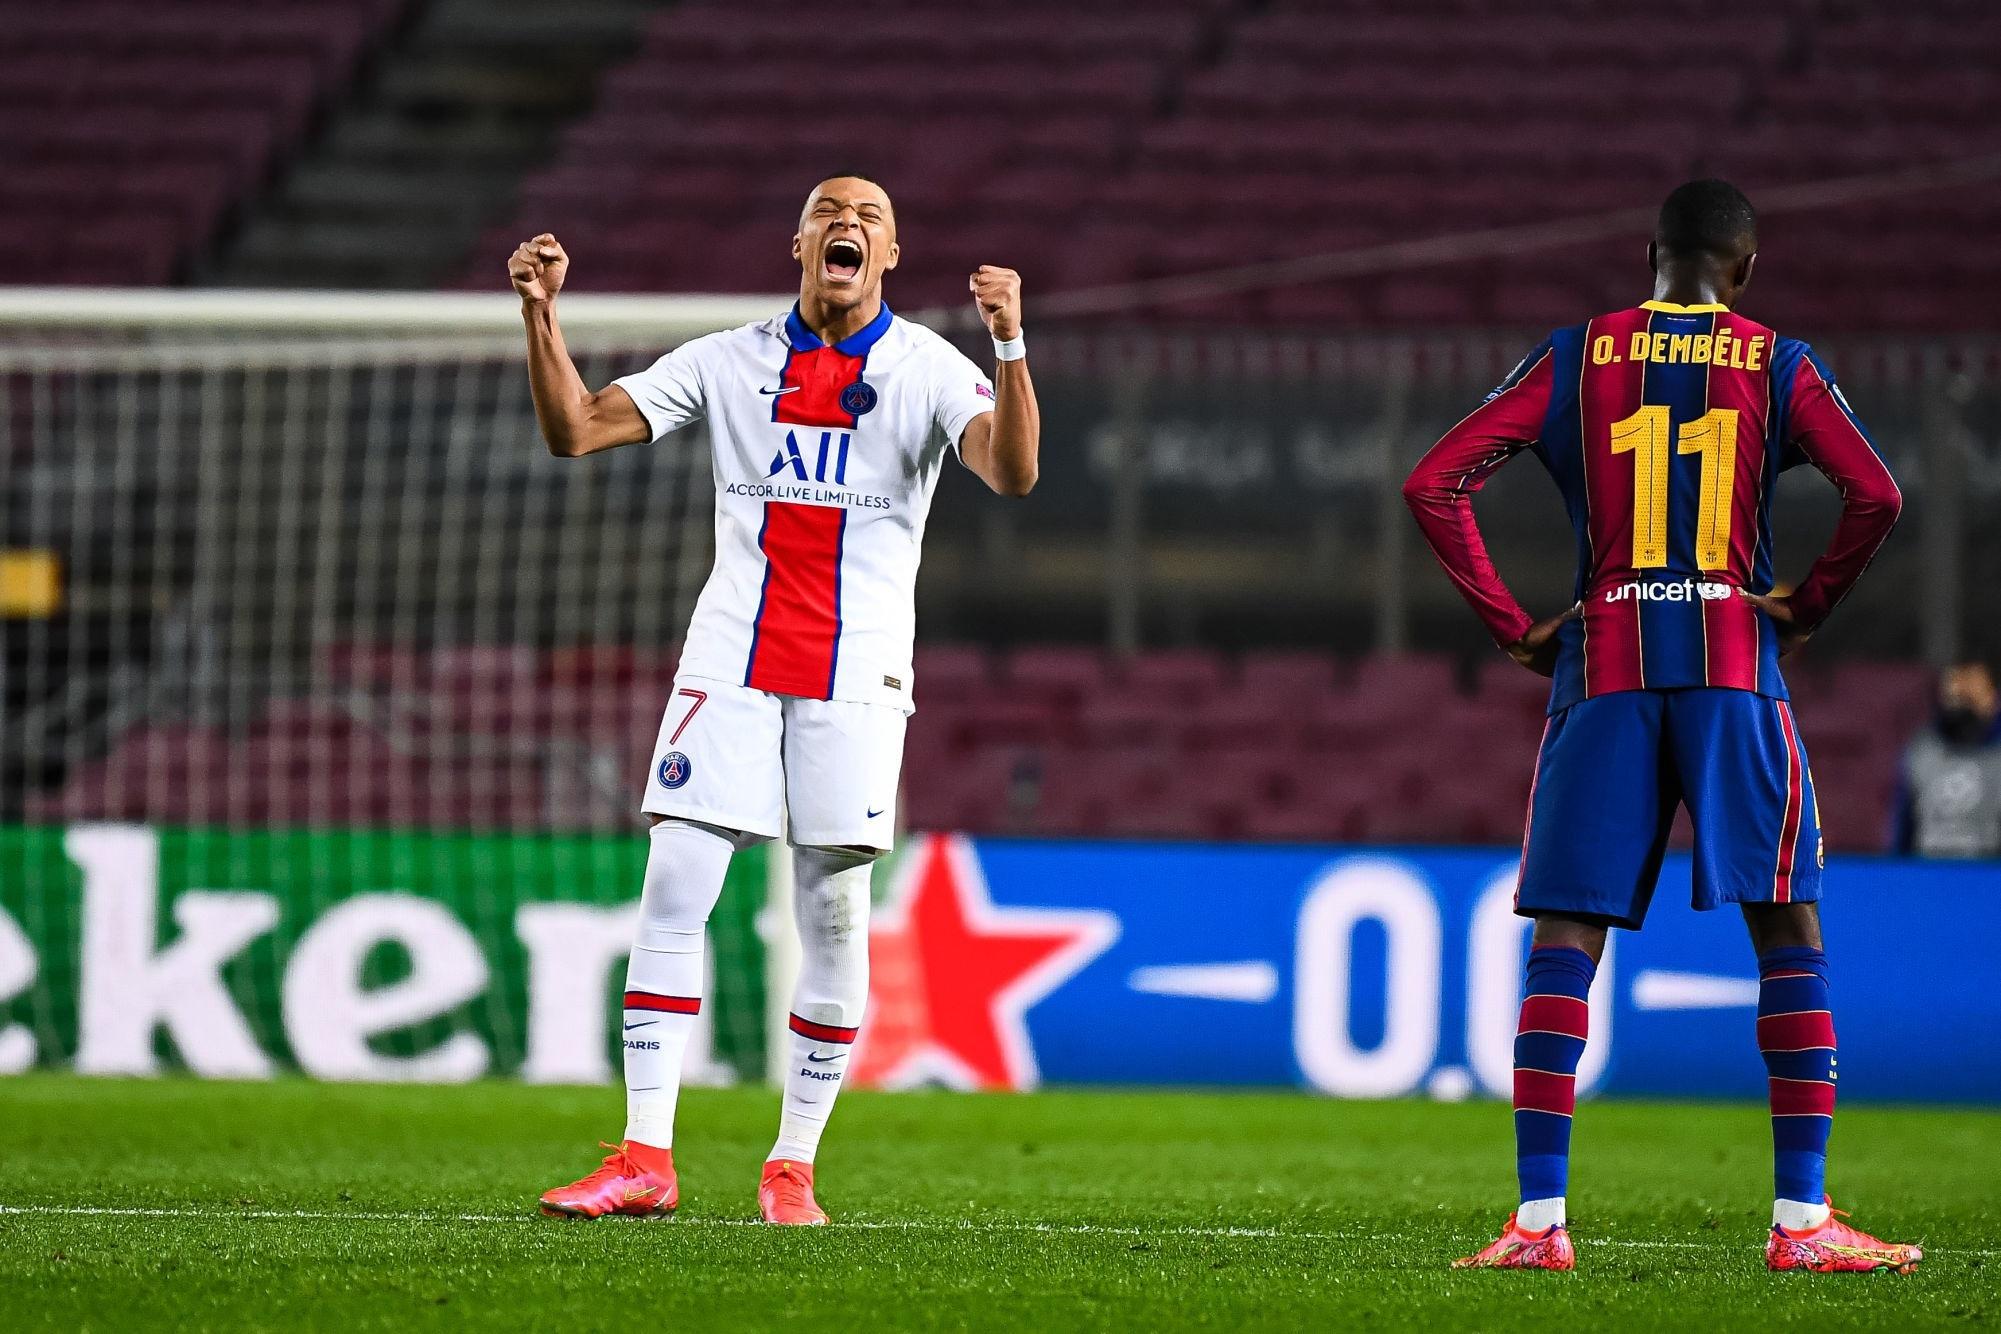 Barcelone/PSG - Les notes des Parisiens : un beau collectif, un très grand Mbappé